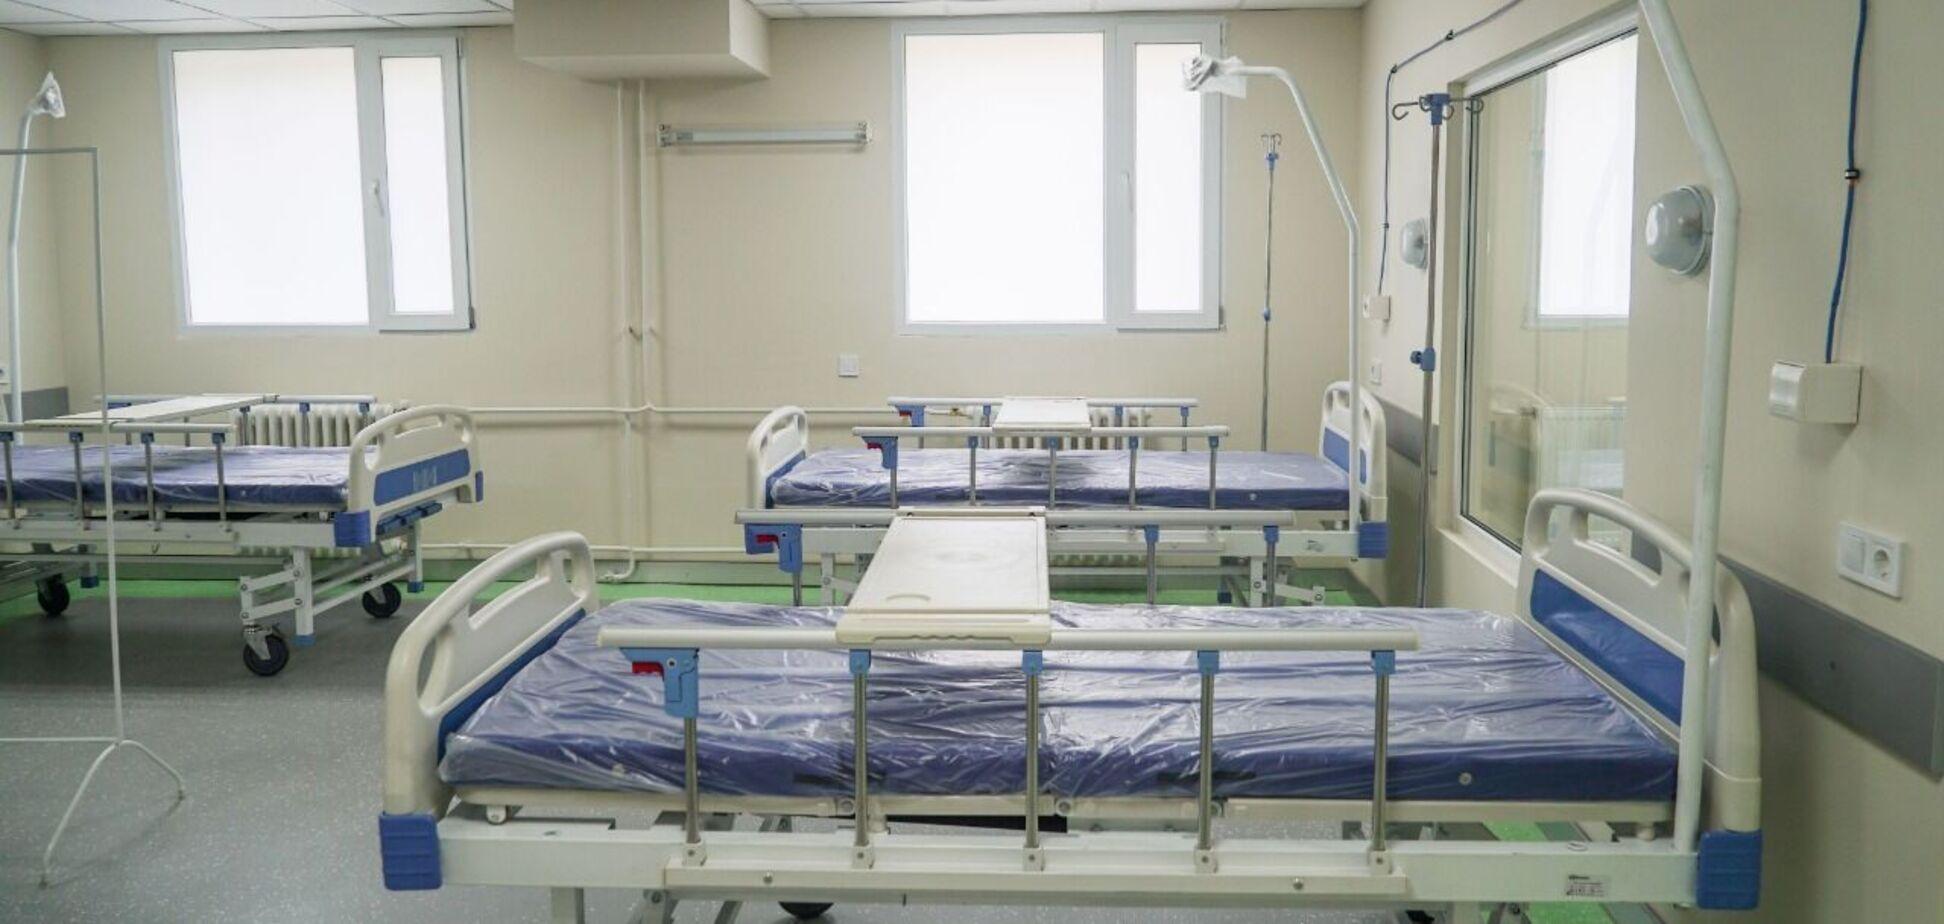 Лікарню у Берегово за програмою Зеленського оснастили сучасною технікою для швидкого порятунку пацієнтів